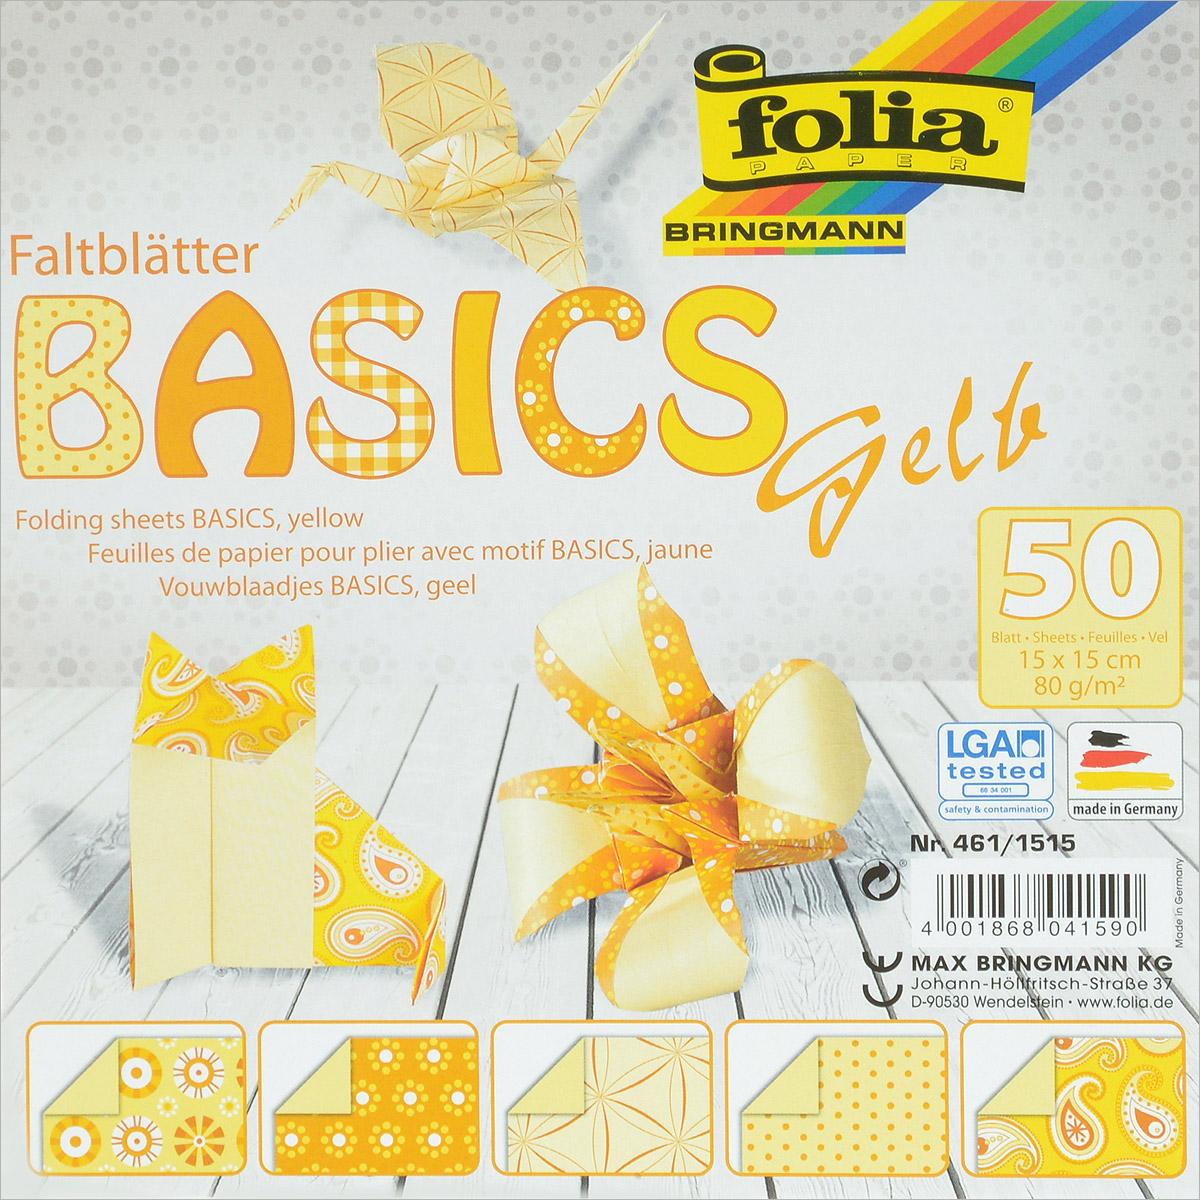 Бумага для оригами Folia, цвет: желтый, 15 х 15 см, 50 листовC0044108Набор специальной цветной двусторонней бумаги для оригами Folia содержит 50 листов разных цветов, которые помогут вам и вашему ребенку сделать яркие и разнообразные фигурки. В набор входит бумага пяти разных дизайнов. С одной стороны - бумага однотонная, с другой - оформлена оригинальными узорами и орнаментами. Эти листы можно использовать для оригами, украшения для садового подсвечника или для создания новогодних звезд. При многоразовом сгибании листа на бумаге не появляются трещины, так как она обладает очень высоким качеством. Бумага хорошо комбинируется с цветным картоном.За свою многовековую историю оригами прошло путь от храмовых обрядов до искусства, дарящего радость и красоту миллионам людей во всем мире. Складывание и художественное оформление фигурок оригами интересно заполнят свободное время, доставят огромное удовольствие, радость и взрослым и детям. Увлекательные занятия оригами развивают мелкую моторику рук, воображение, мышление, воспитывают волевые качества и совершенствуют художественный вкус ребенка.Плотность бумаги: 80 г/м2.Размер листа: 15 см х 15 см.